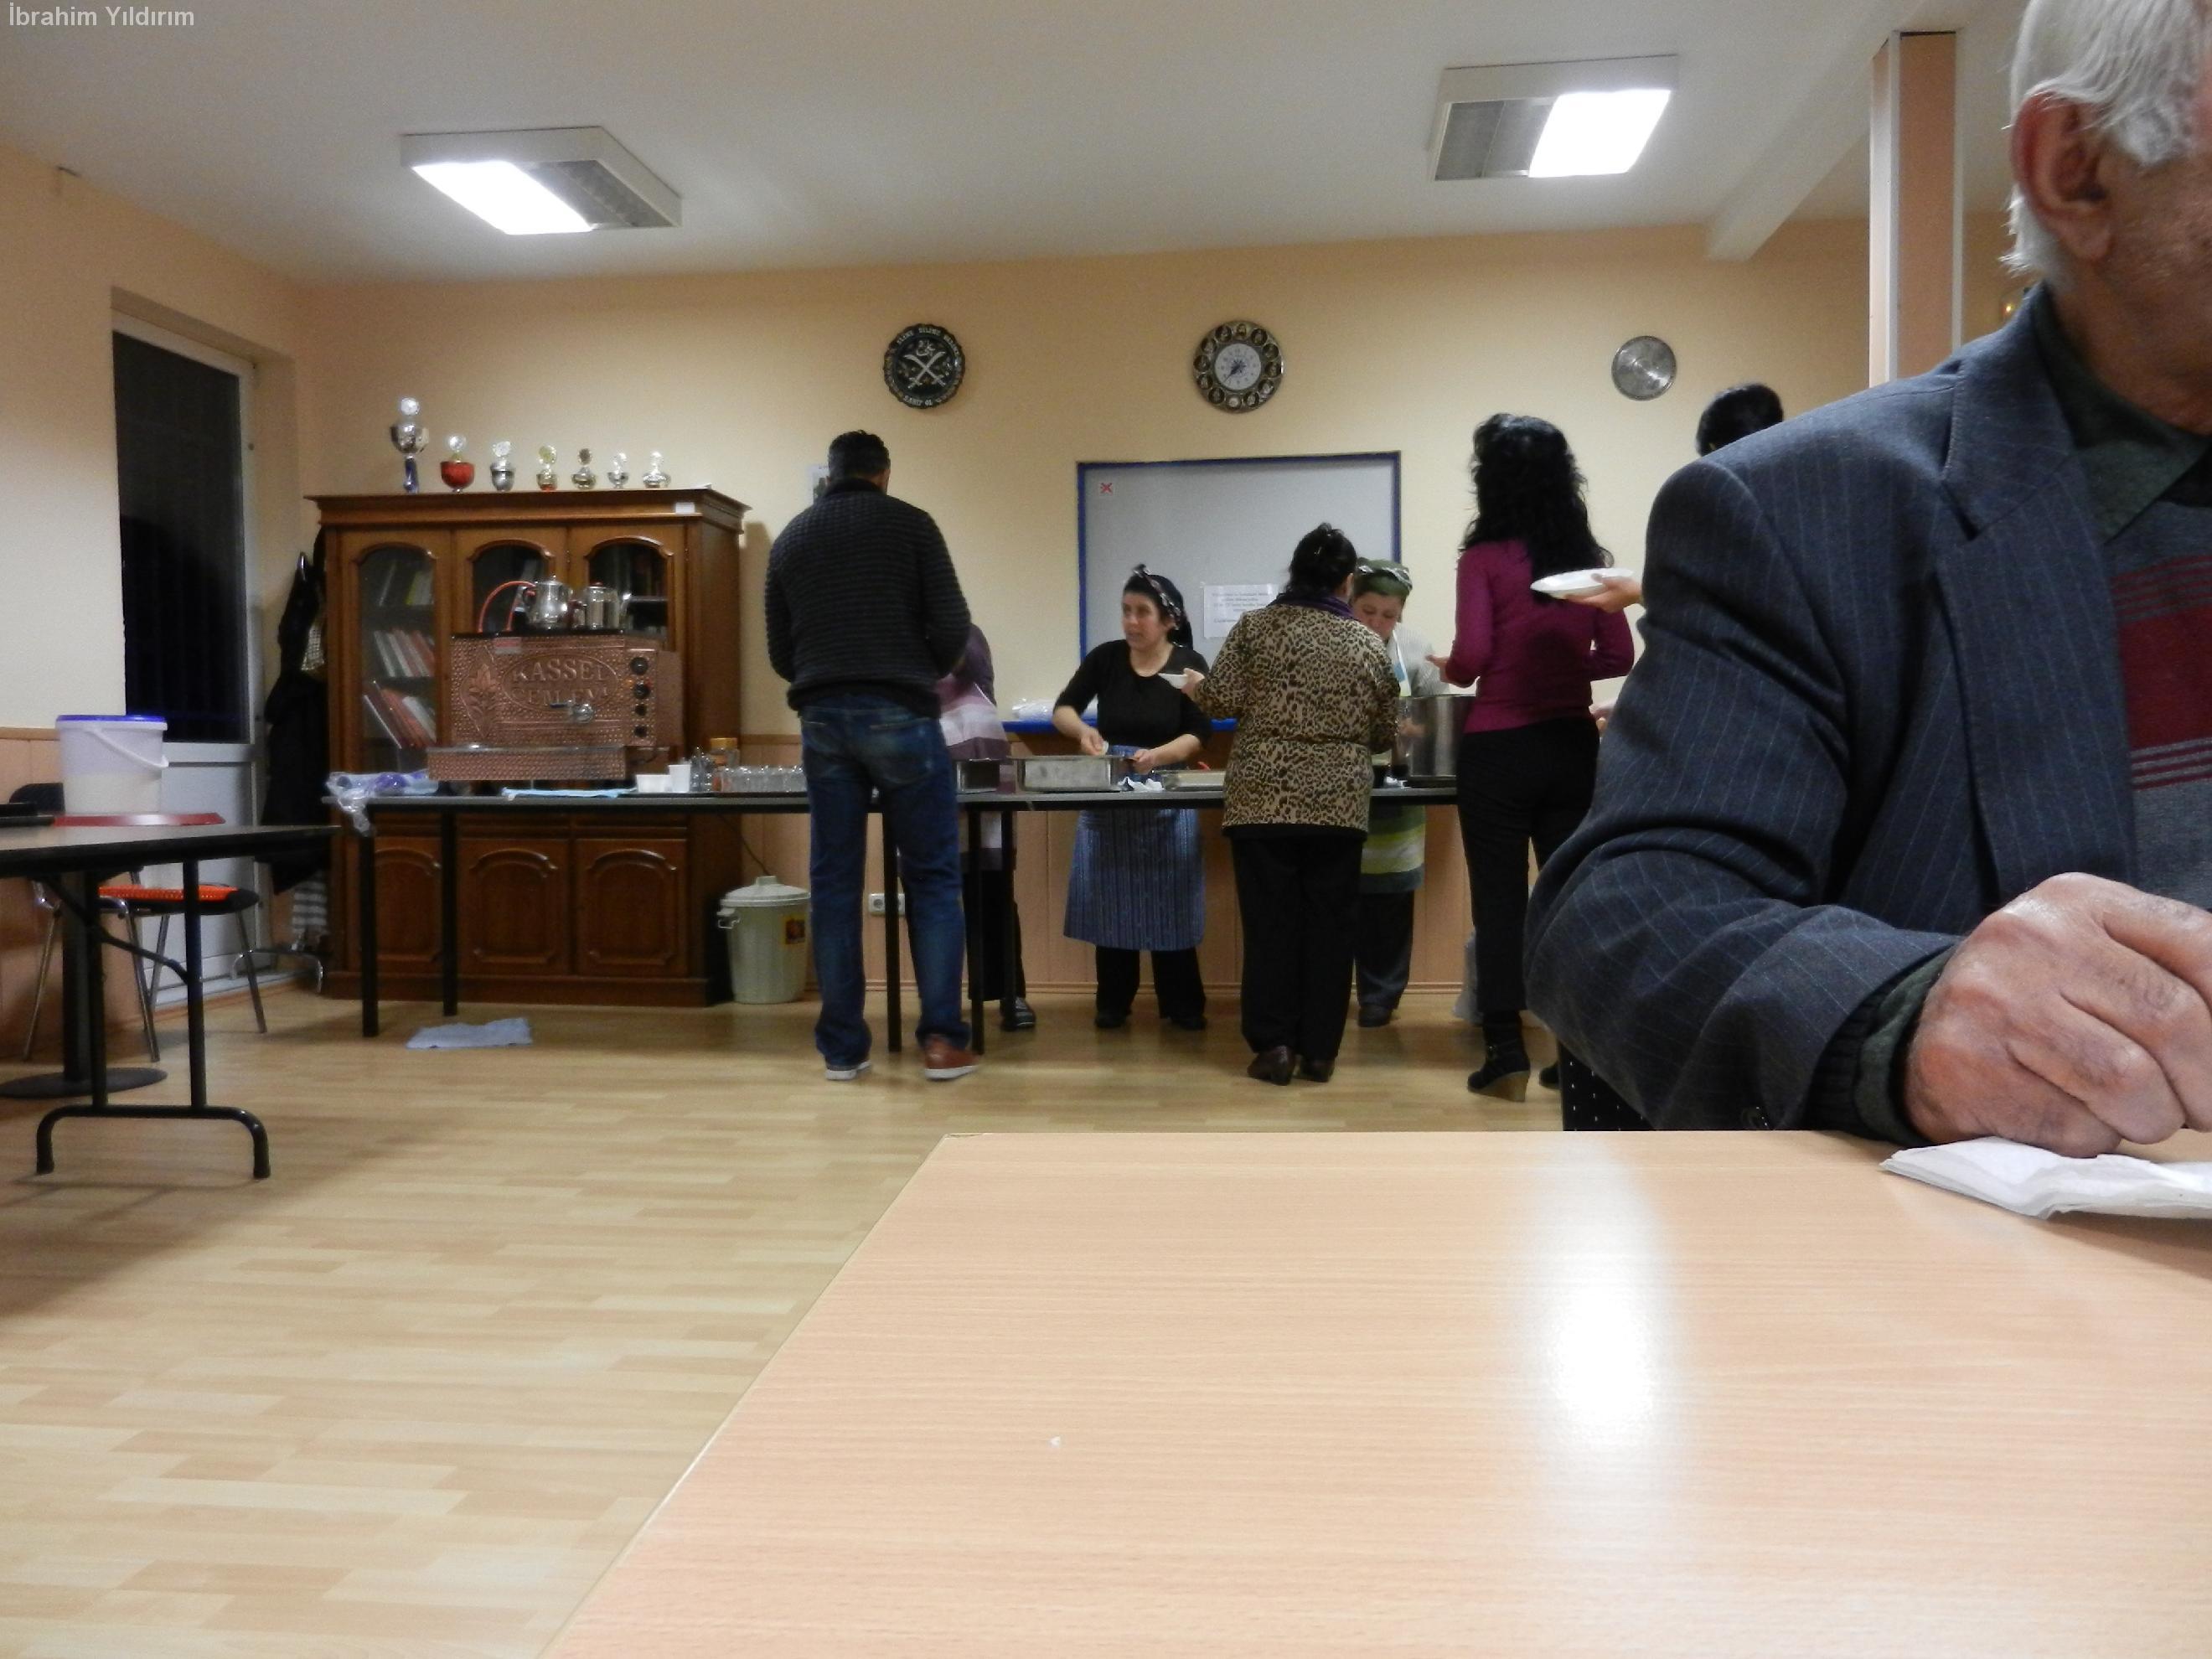 img-20111129-181424_s.jpg